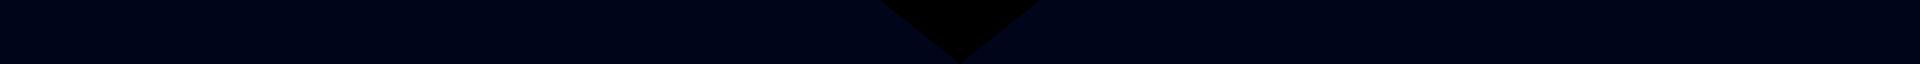 KleurenBlind – Pijl 3